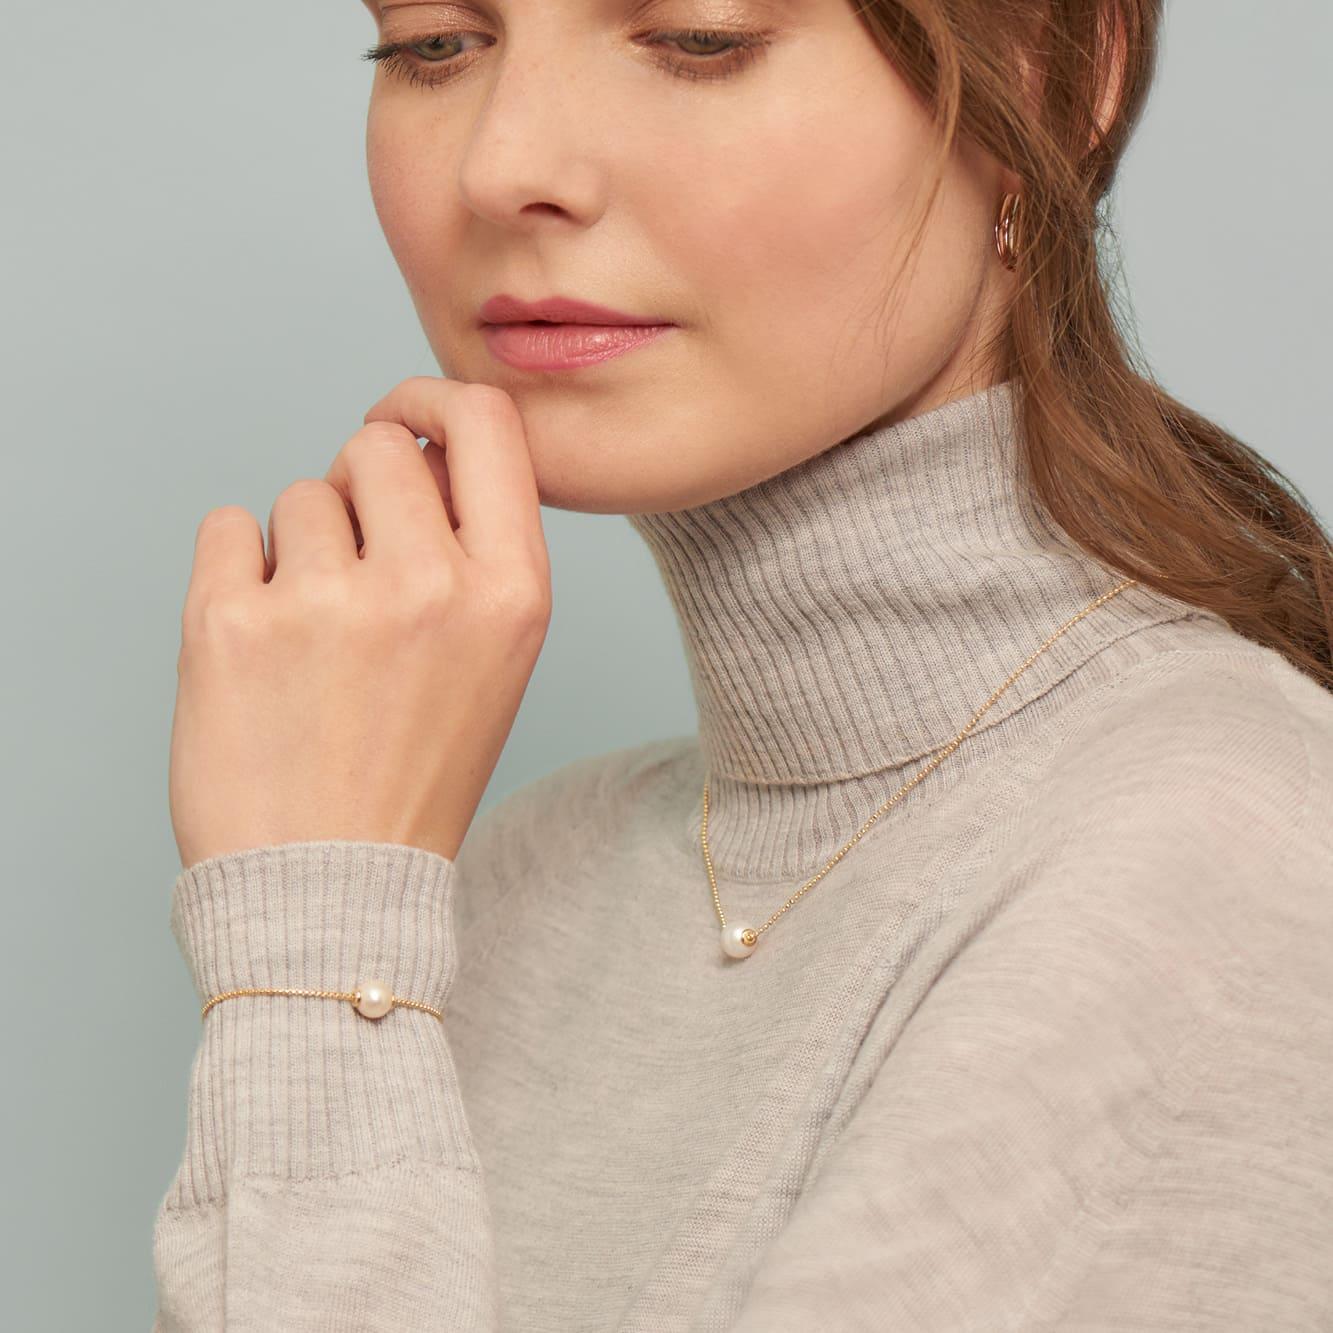 Damen Halskette Silber 925 Vergoldet Zuchtperle